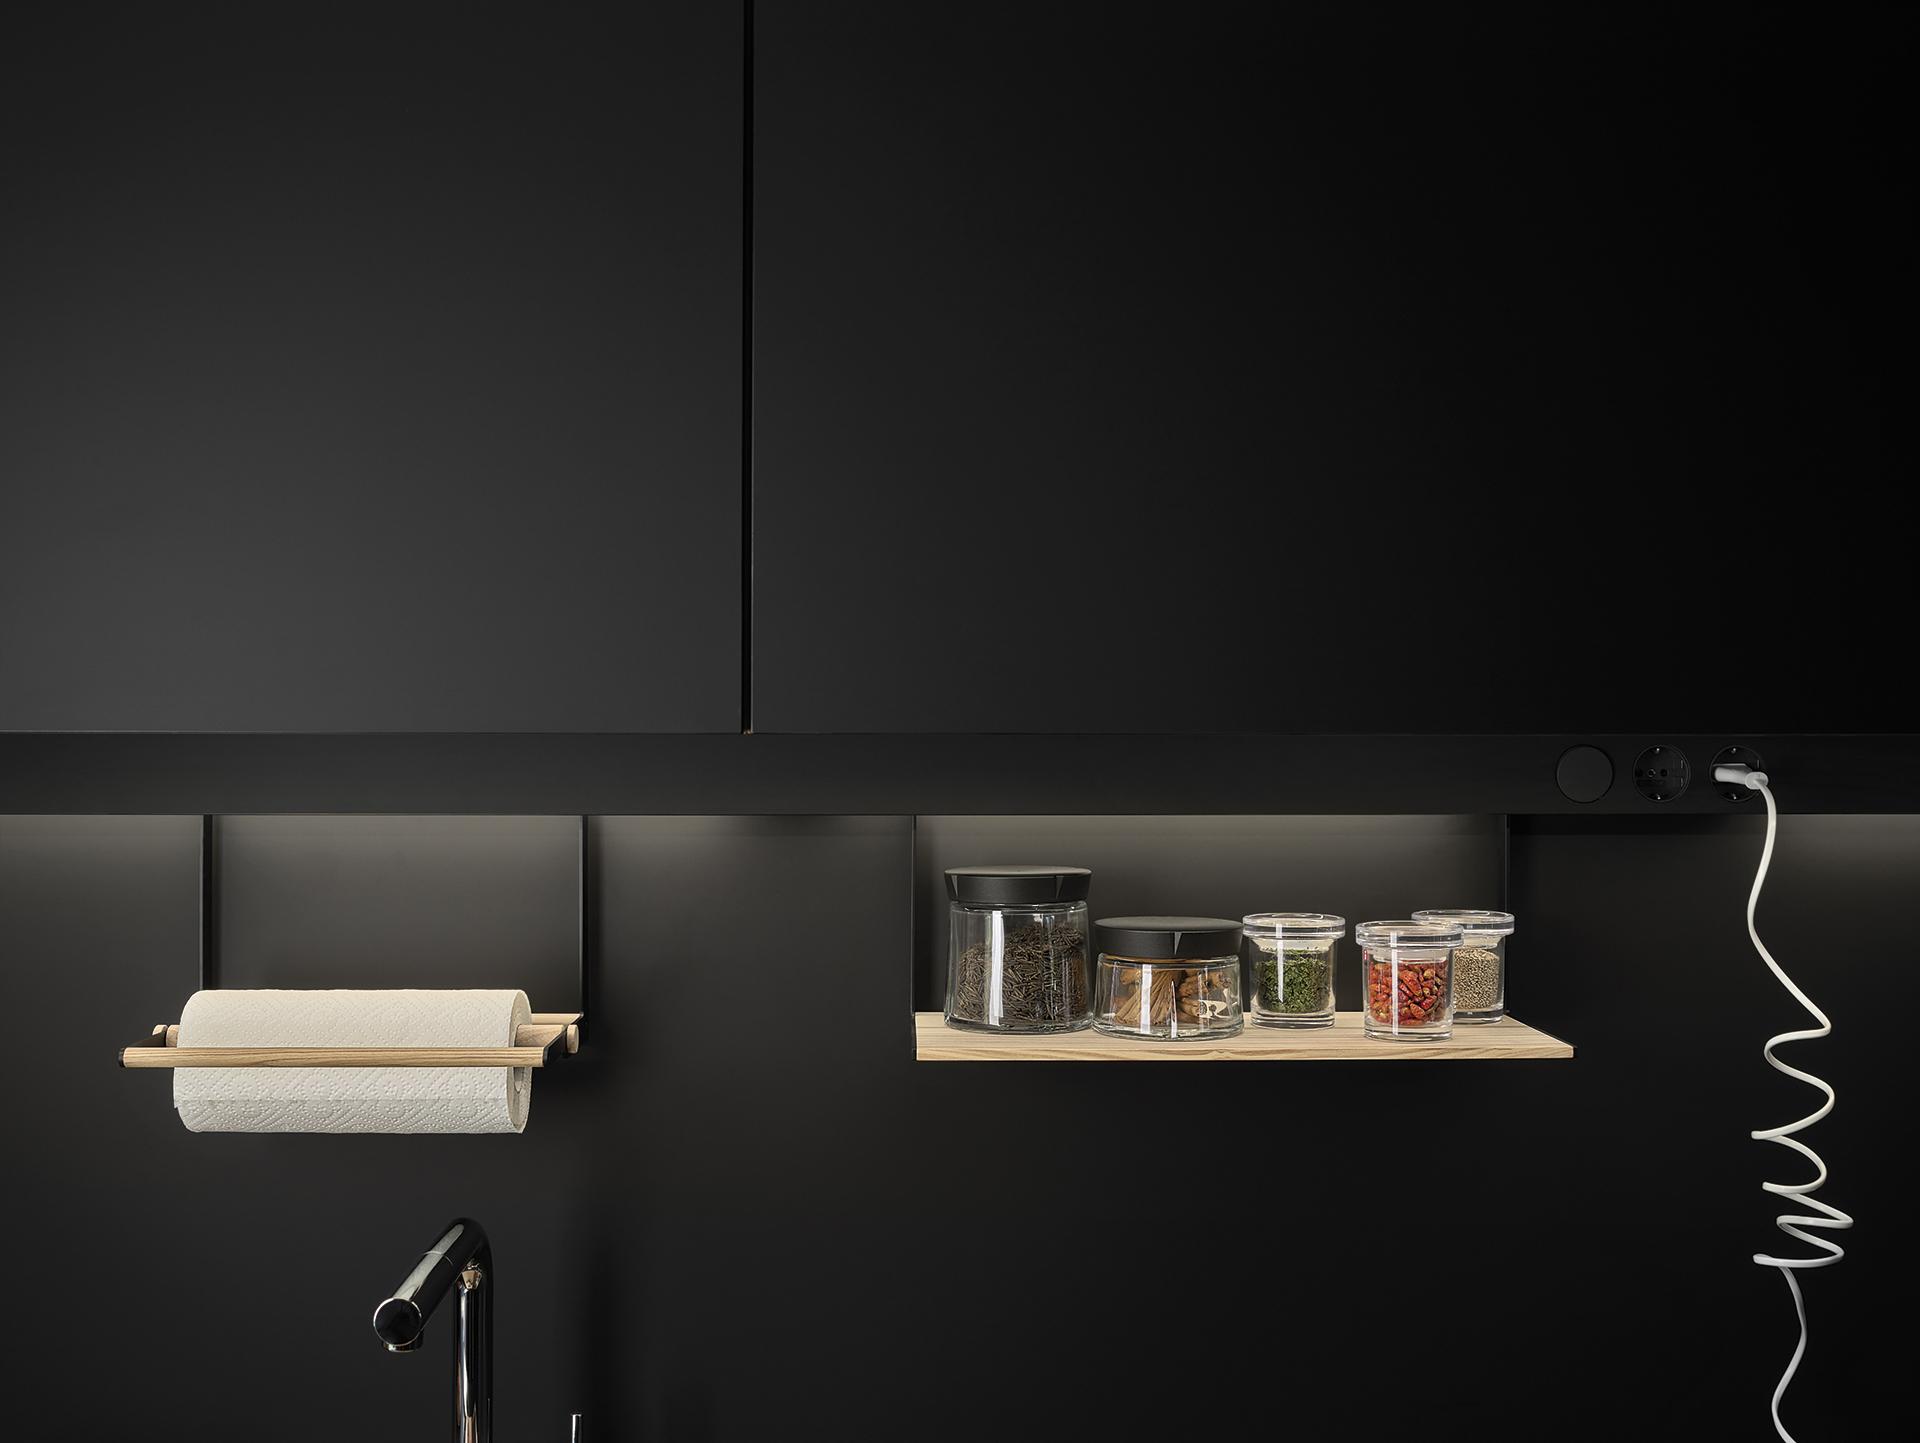 Line lah laminado negro seda modelo cocinas santos - Muebles de cocina santiago de compostela ...